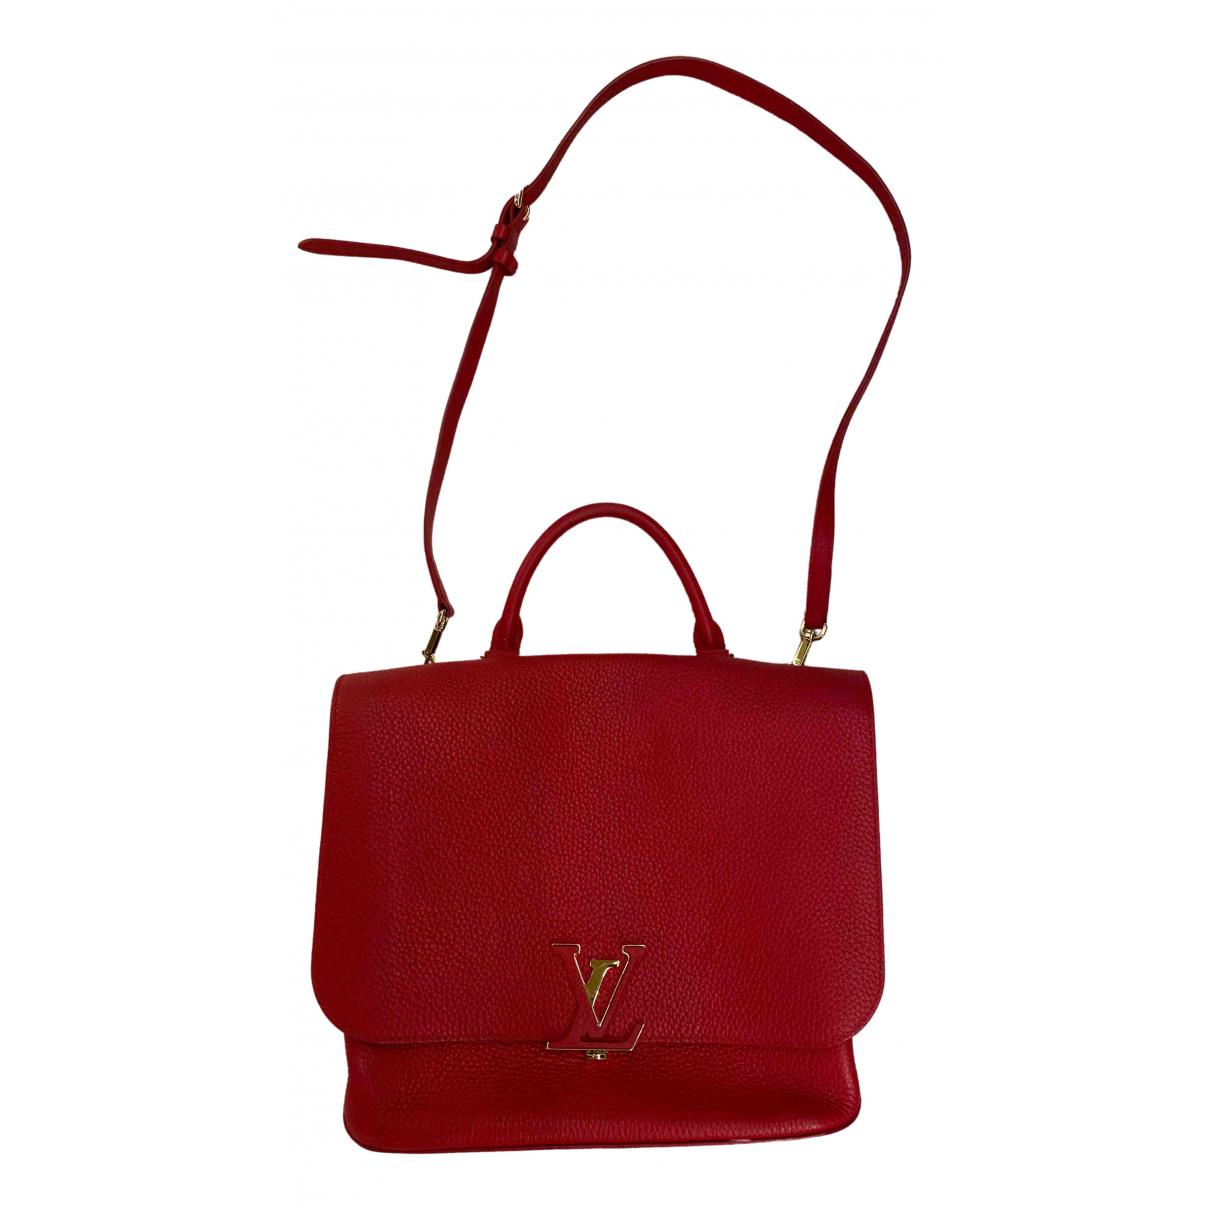 Louis Vuitton - Sac a main Volta pour femme en cuir - rouge